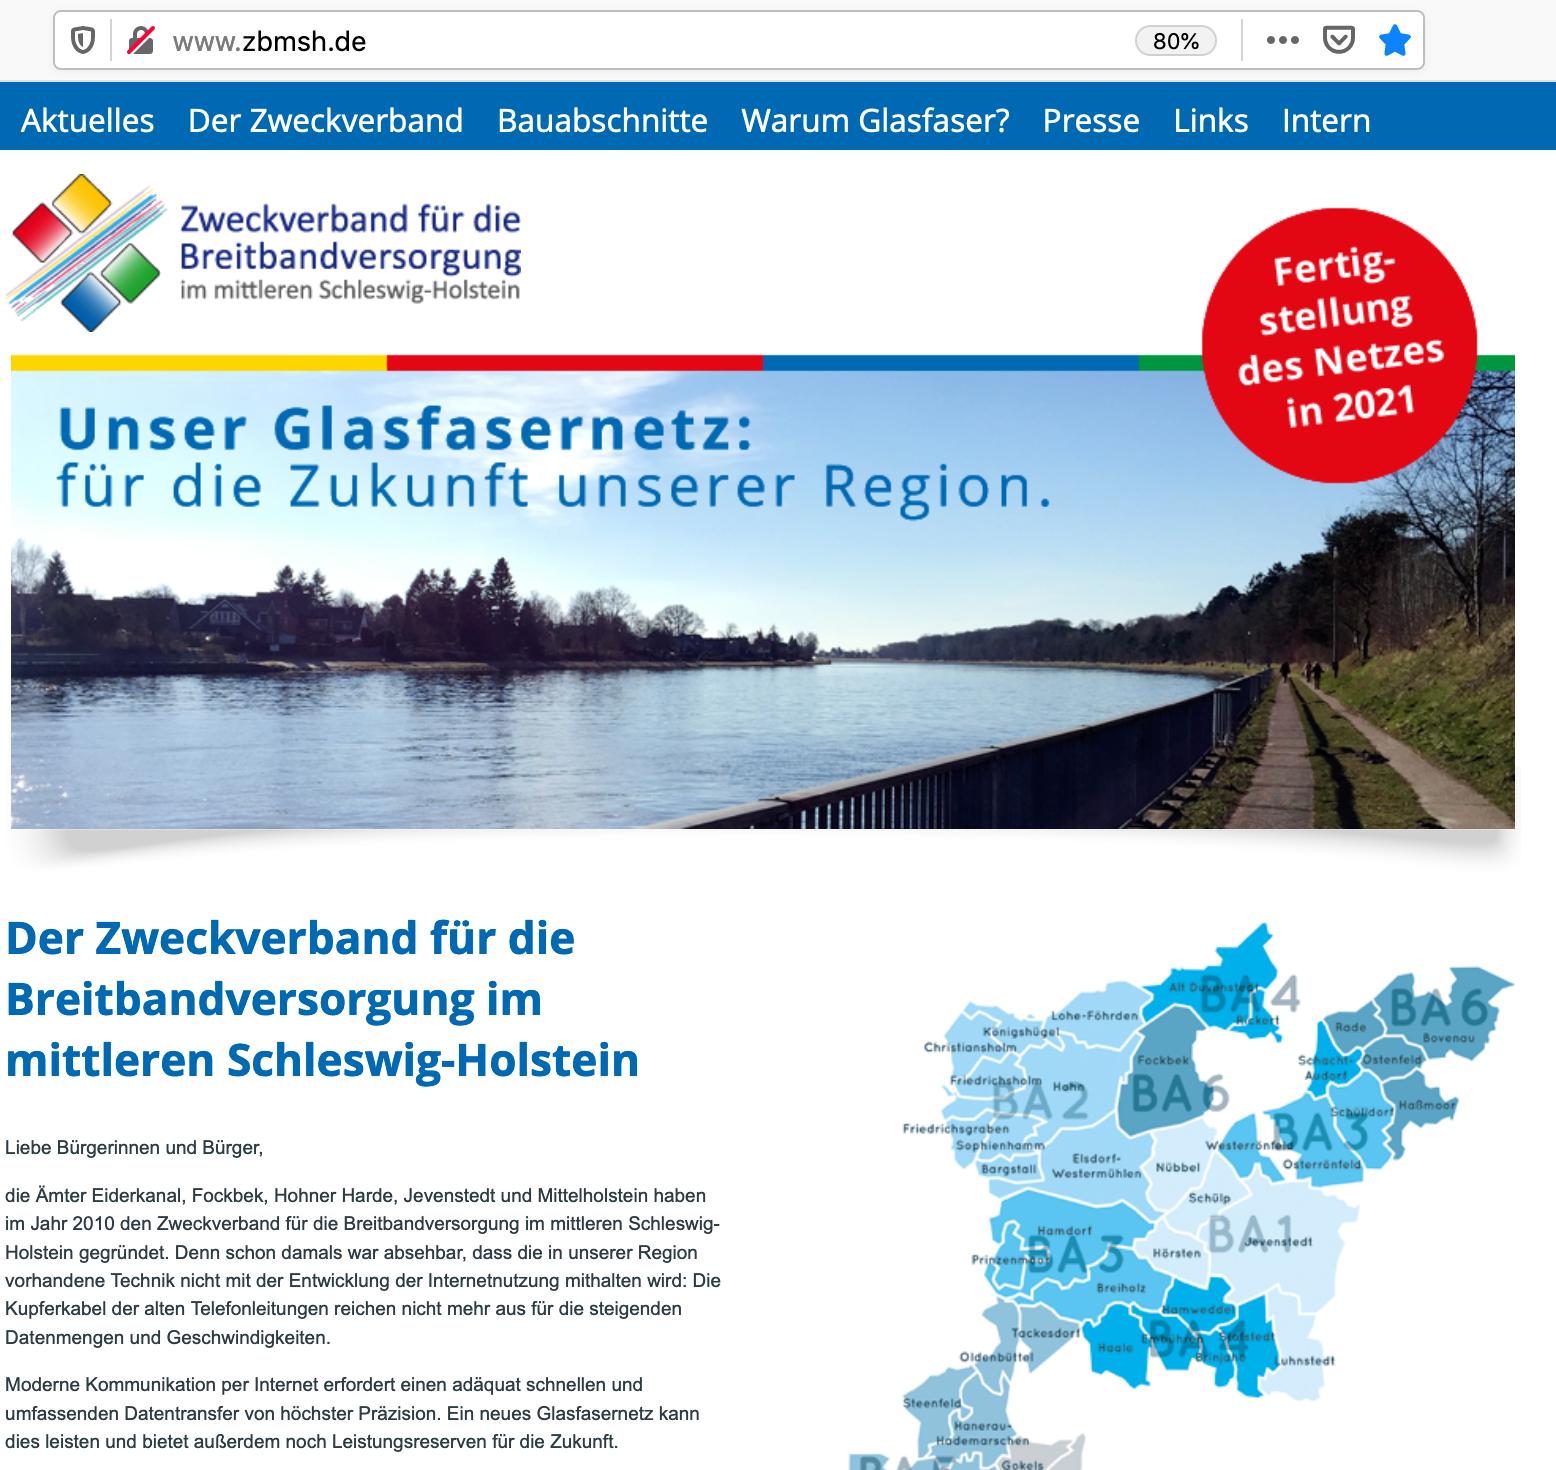 Website zbmsh.de